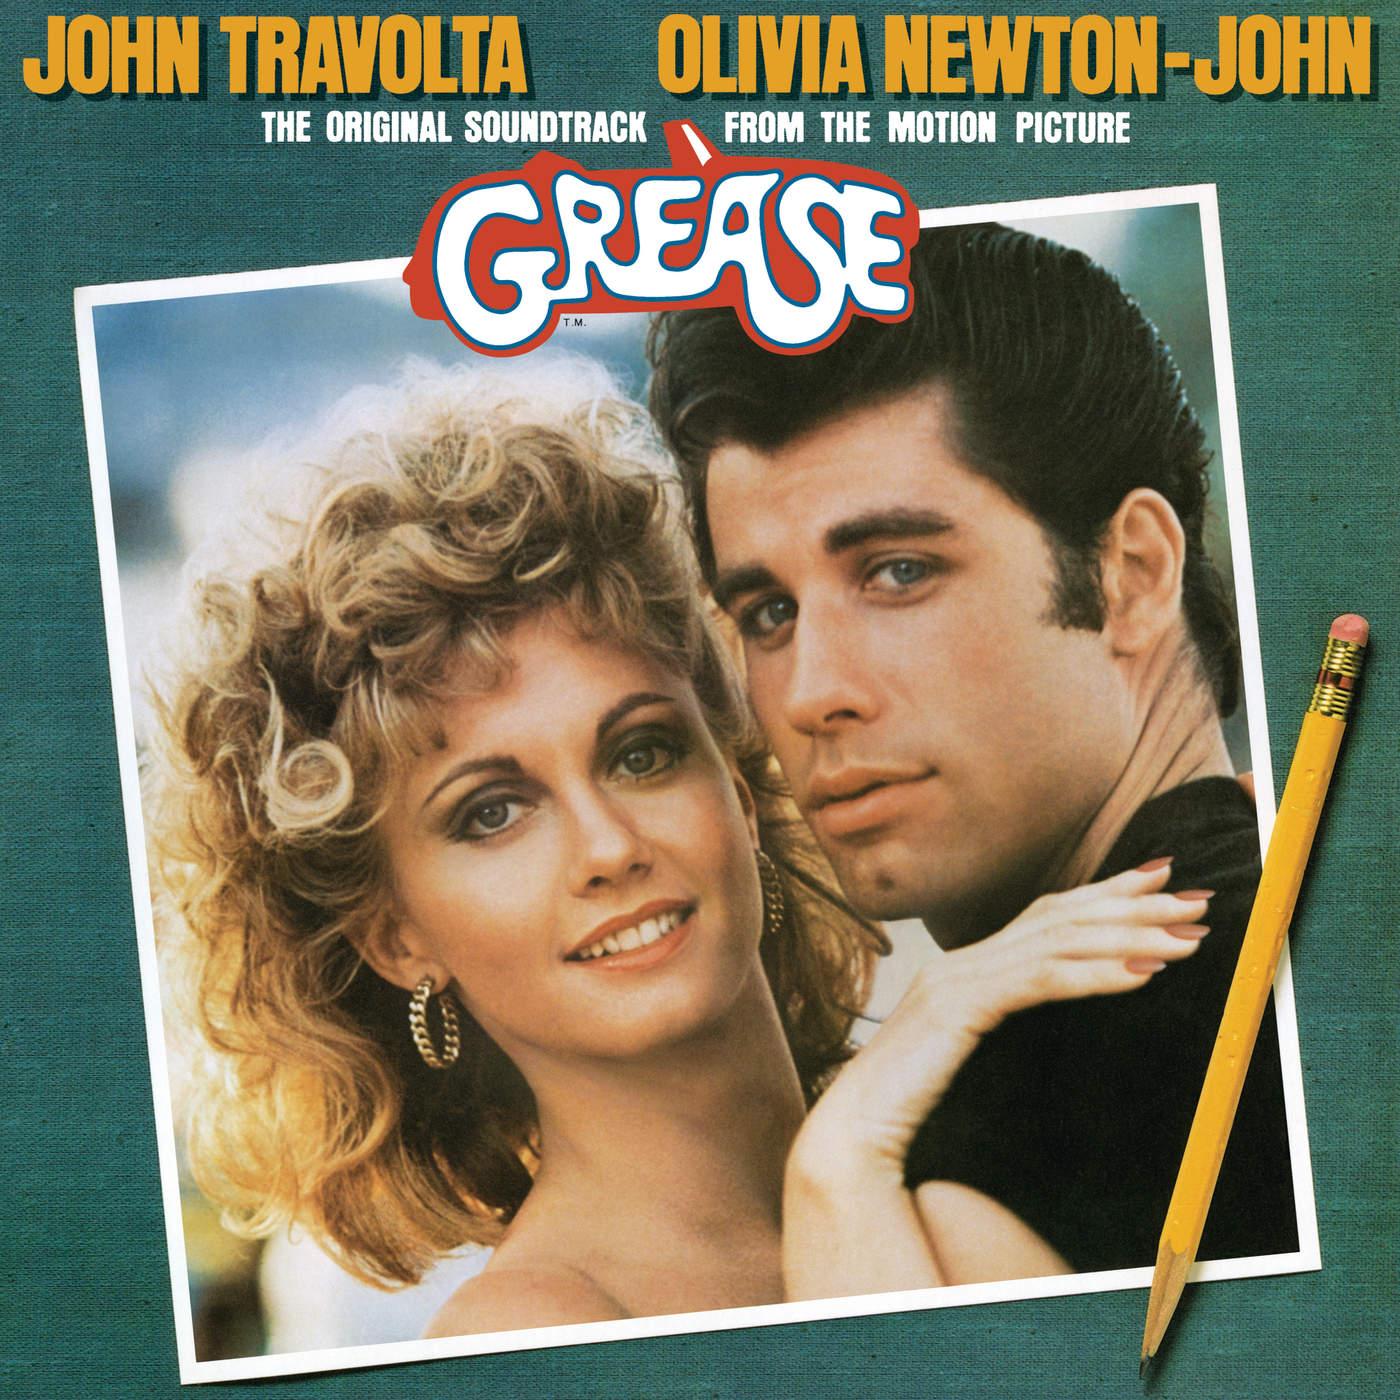 Art for Summer Nights by John Travolta & Olivia Newton-John